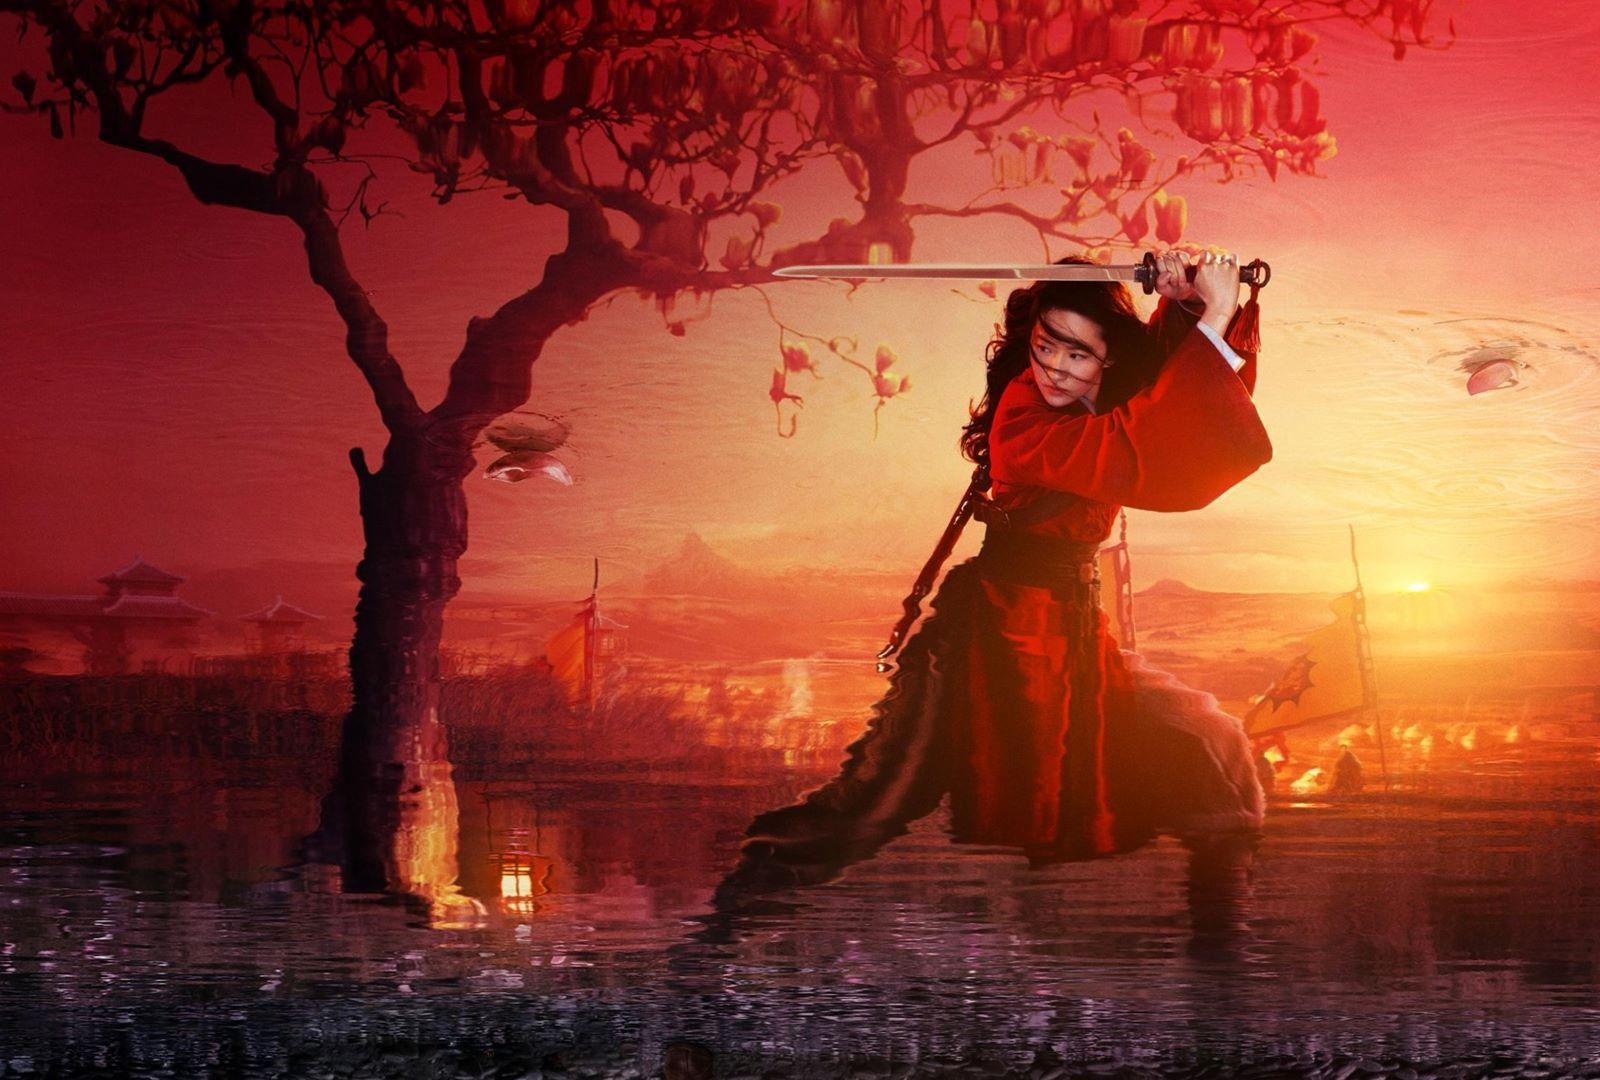 Mulandó varázs, avagy régen minden jobb volt – Mulan – kritika